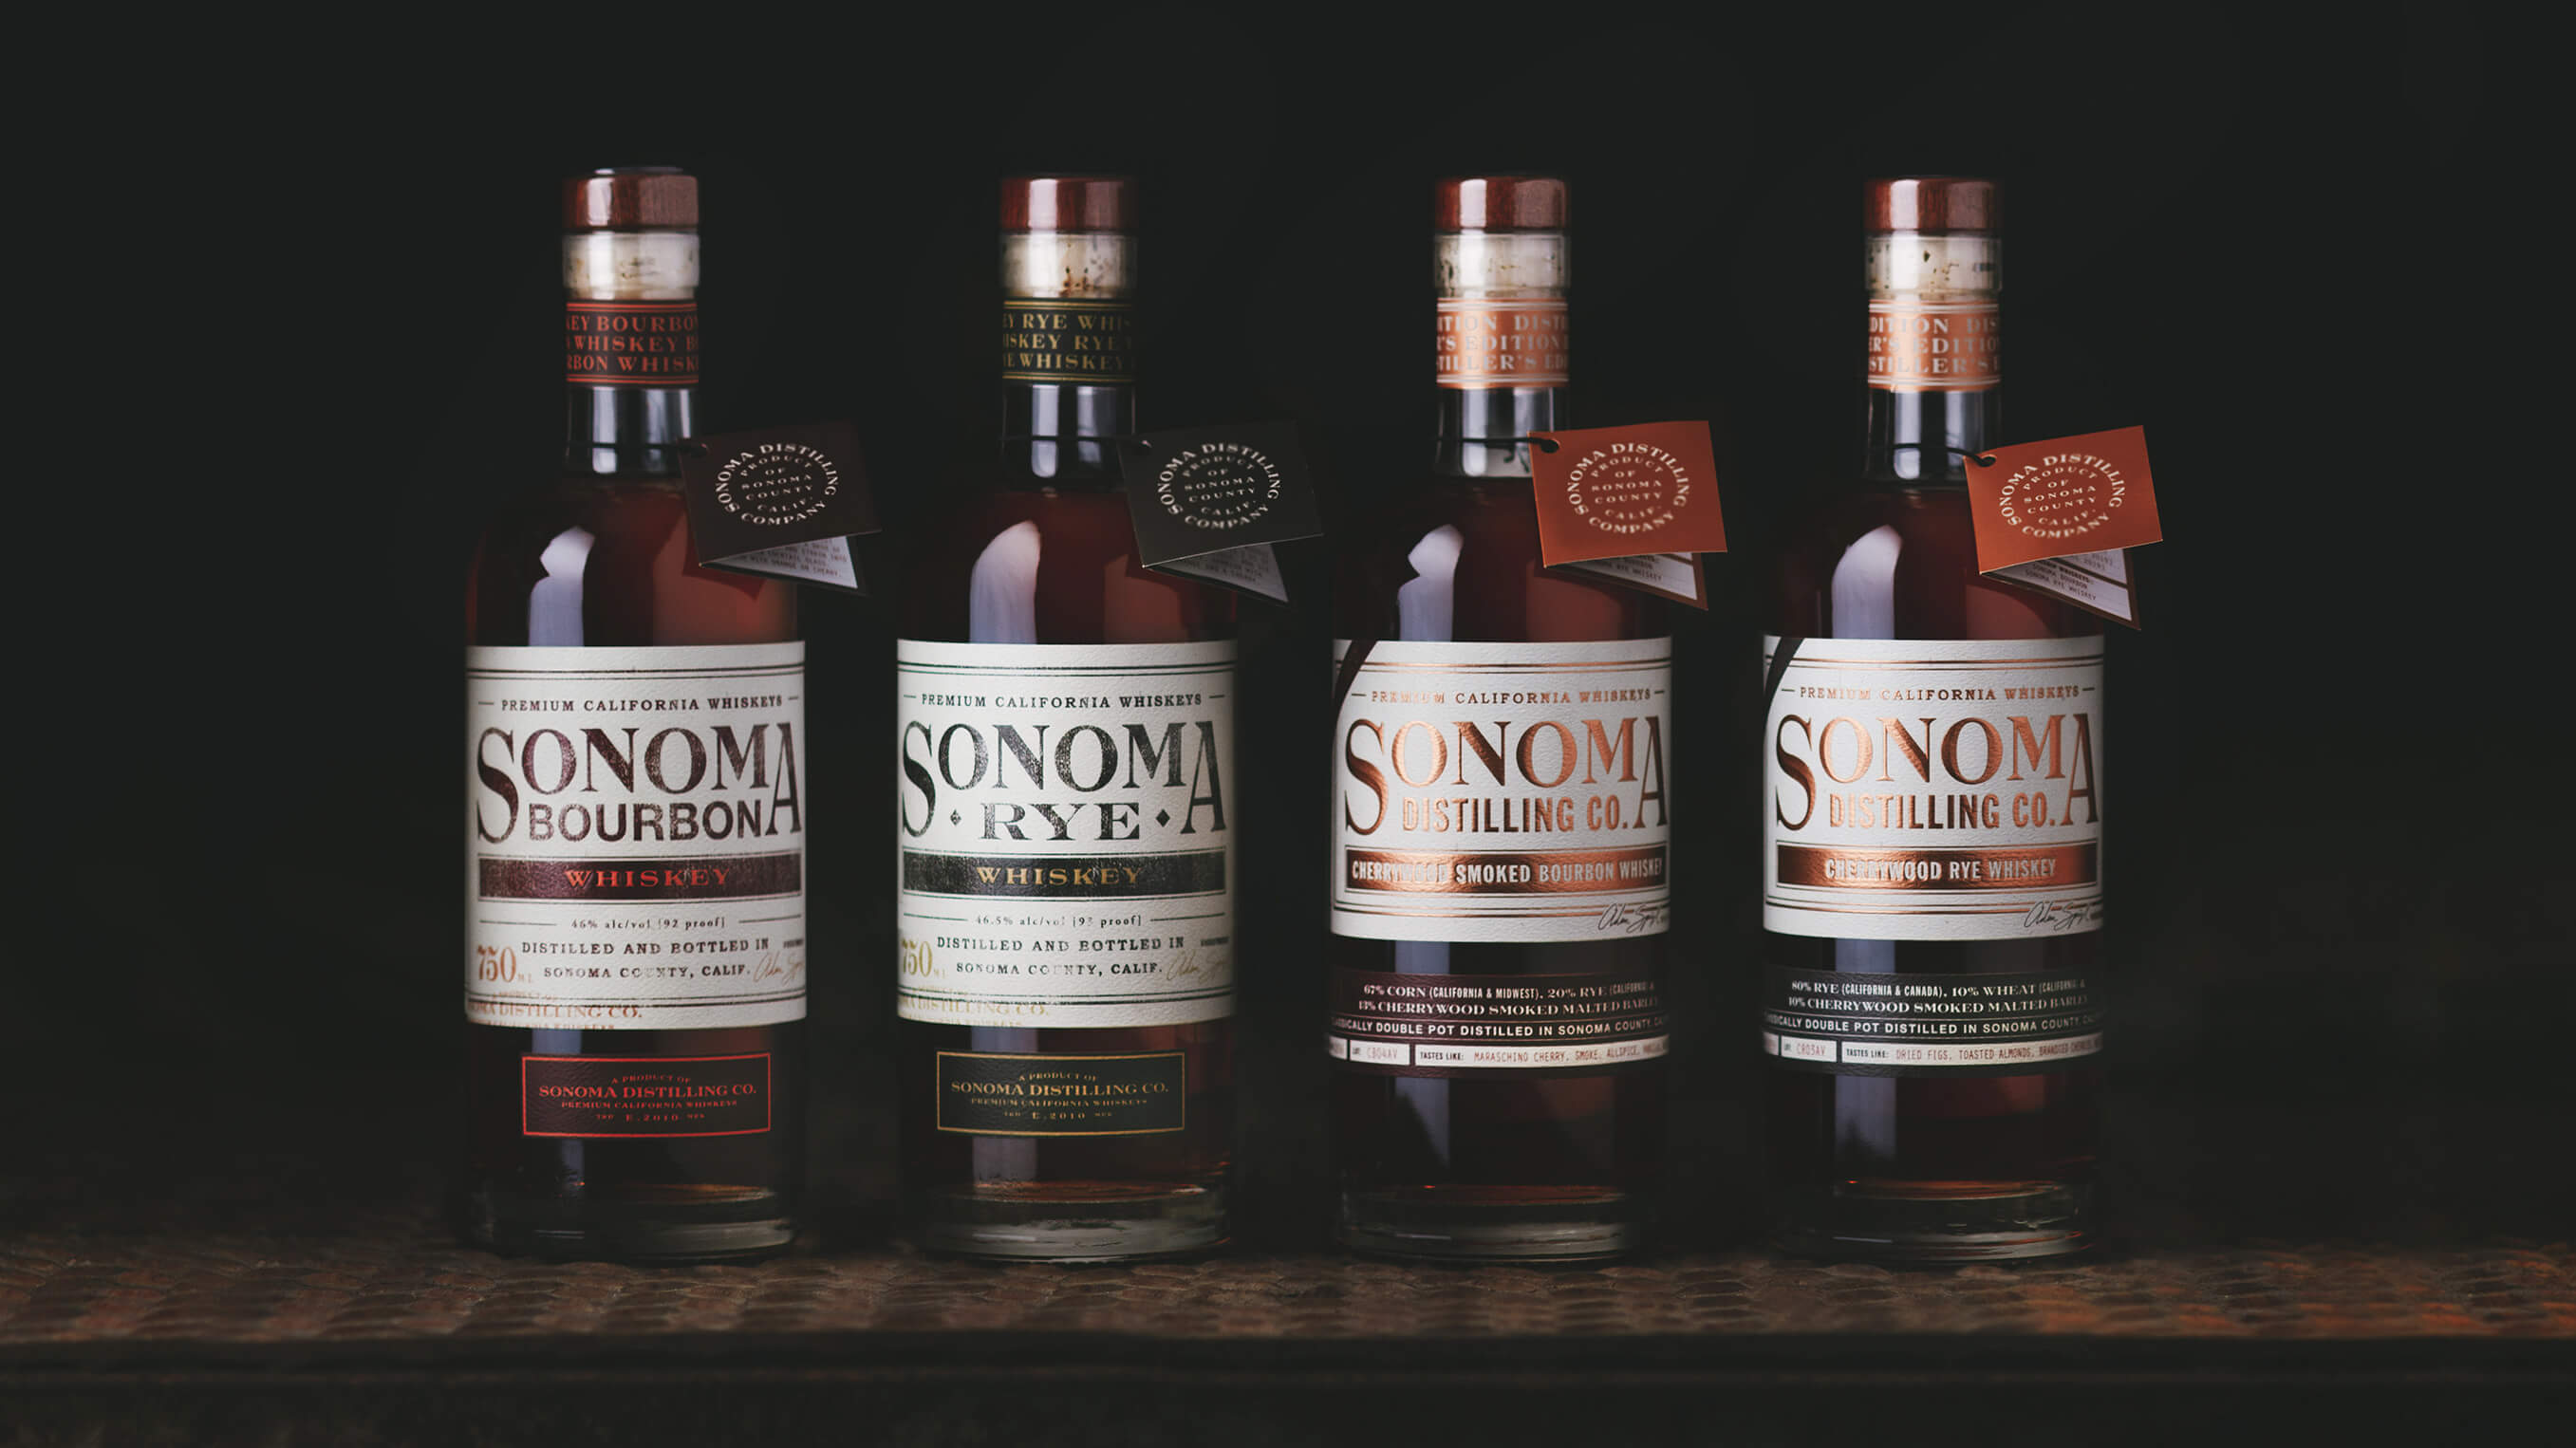 Sonoma Distilling Co.